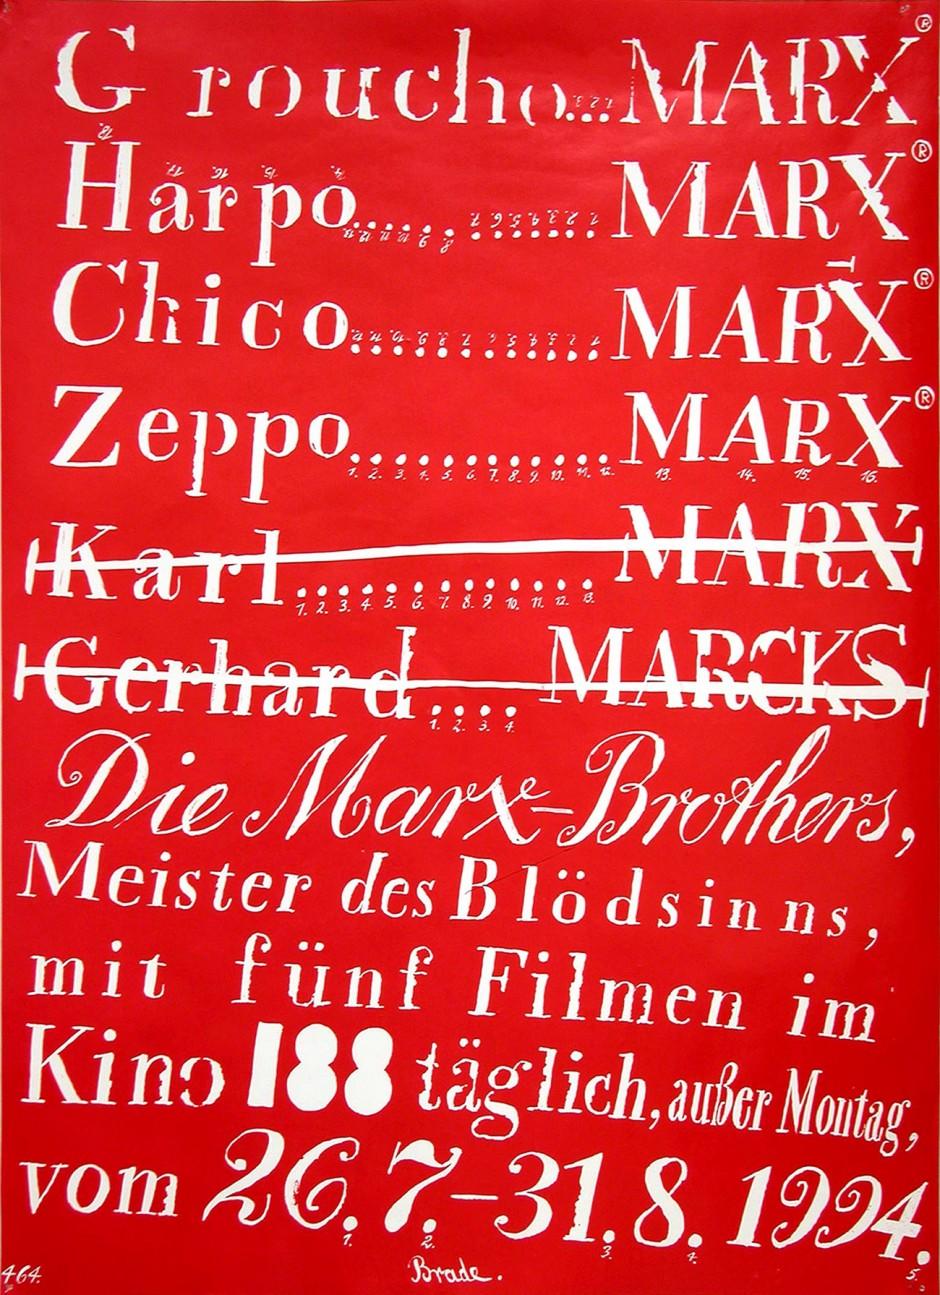 Gestalter: Helmut Brade Repro: Hochschularchiv Burg Giebichenstein Kunsthochschule Halle 59x84 (A1)